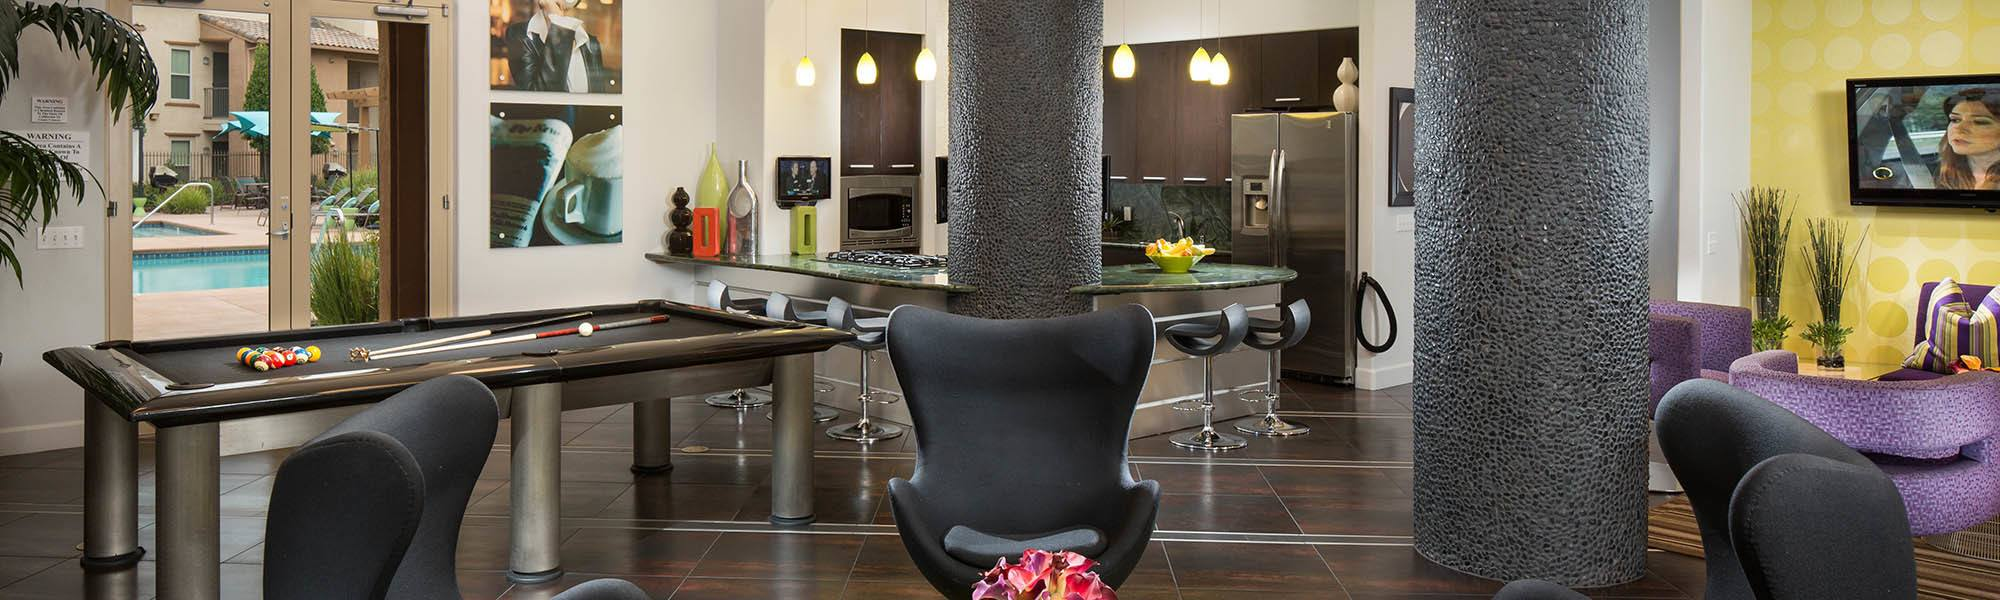 Contact Venu at Galleria Condominium Rentals on our website